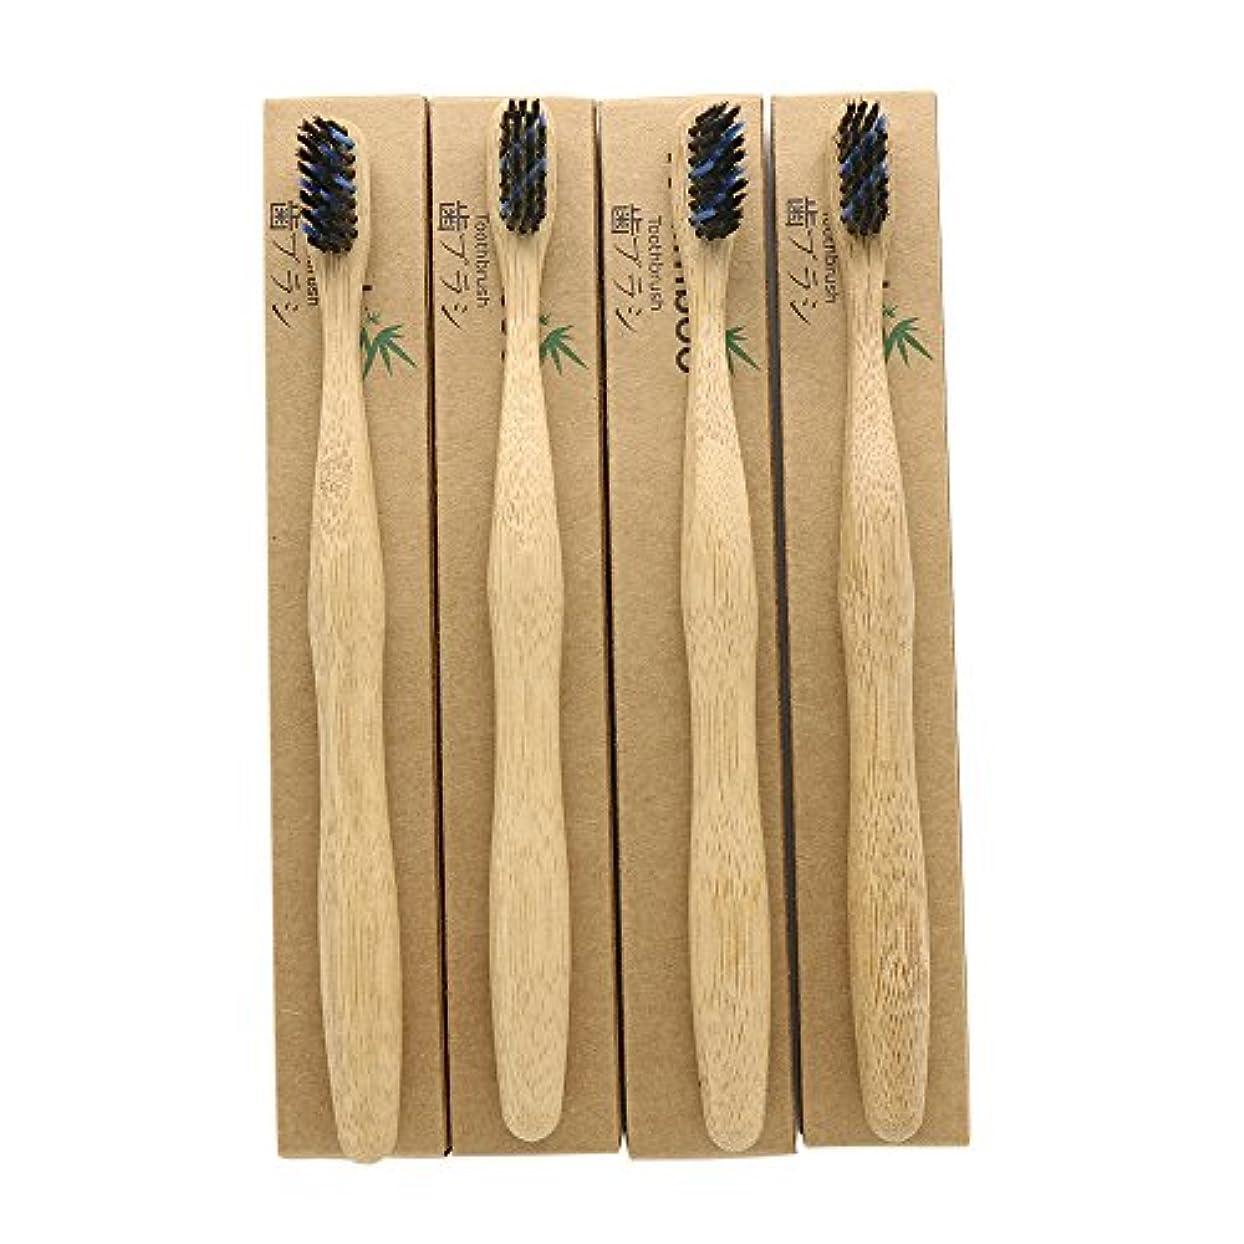 他の日改善シーボードN-amboo 竹製耐久度高い 歯ブラシ 黒いと青い 4本入り セット